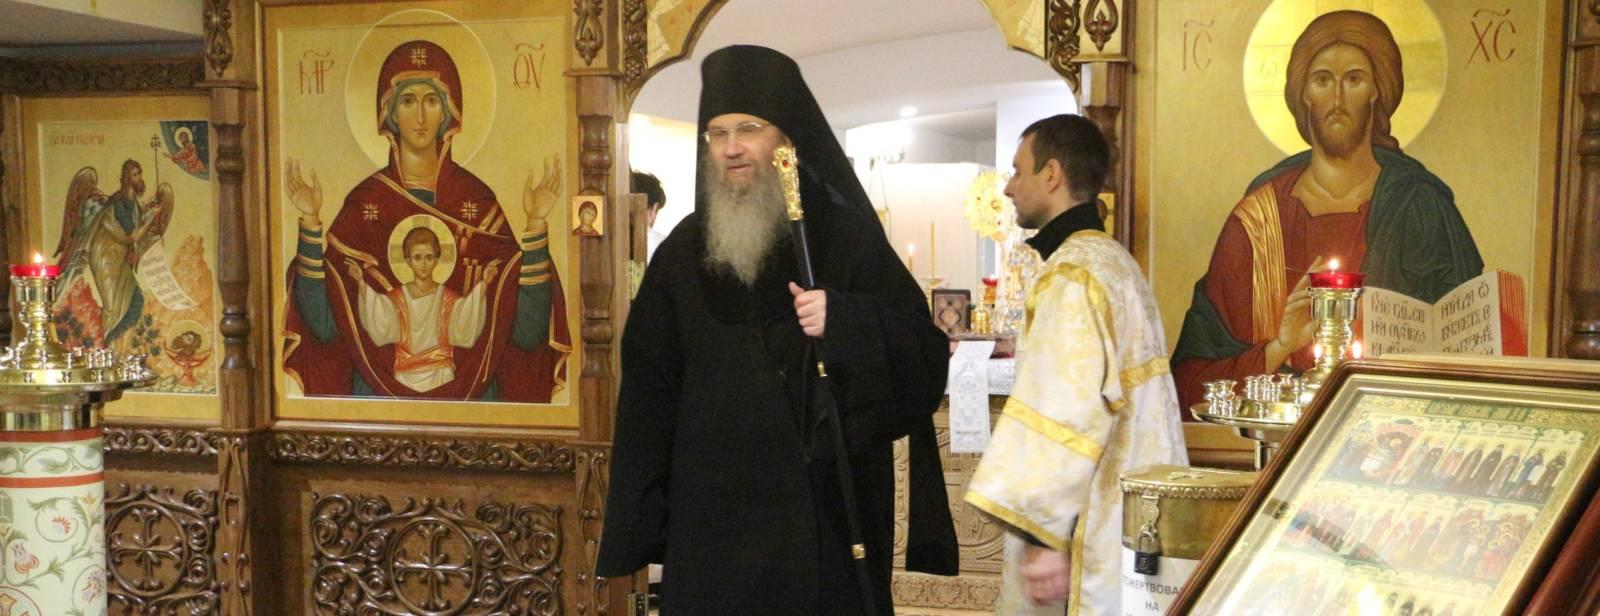 Крещенский сочельник в соборном храме свт. Феофана Затворника г. Новоаннинский.